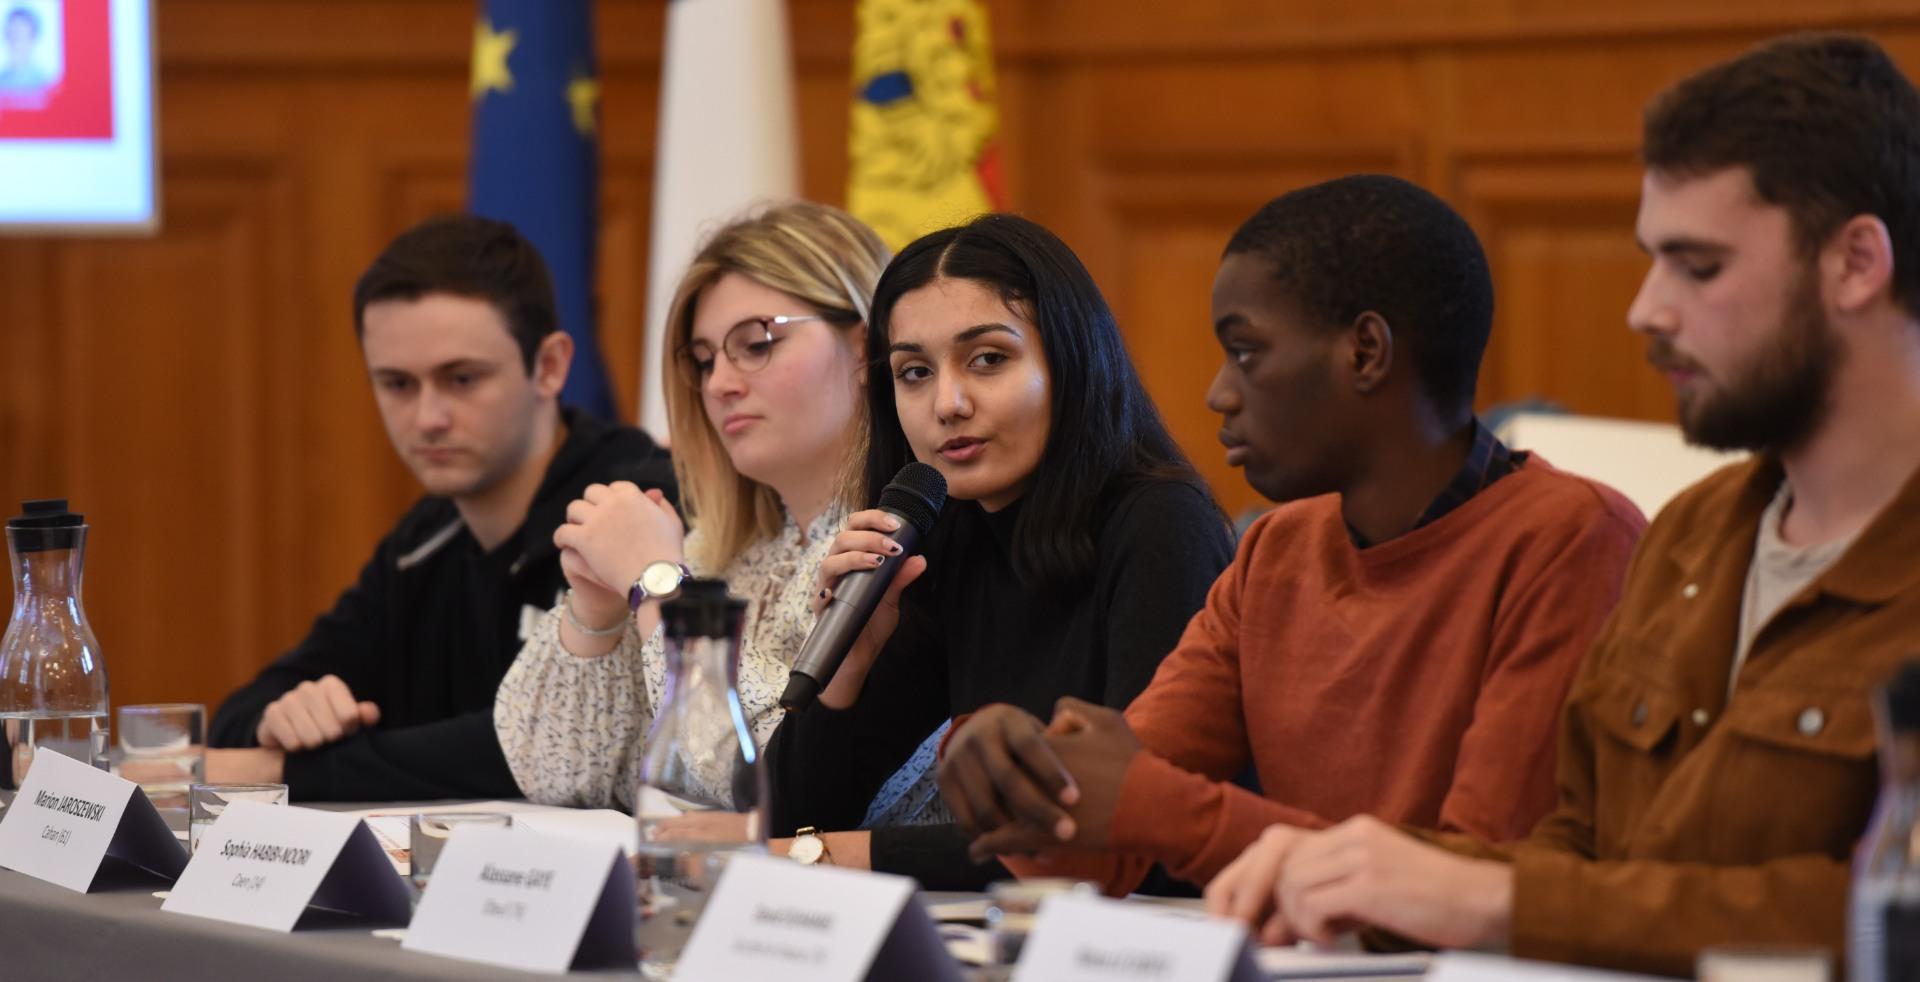 Conseil régional des jeunes de Normandie